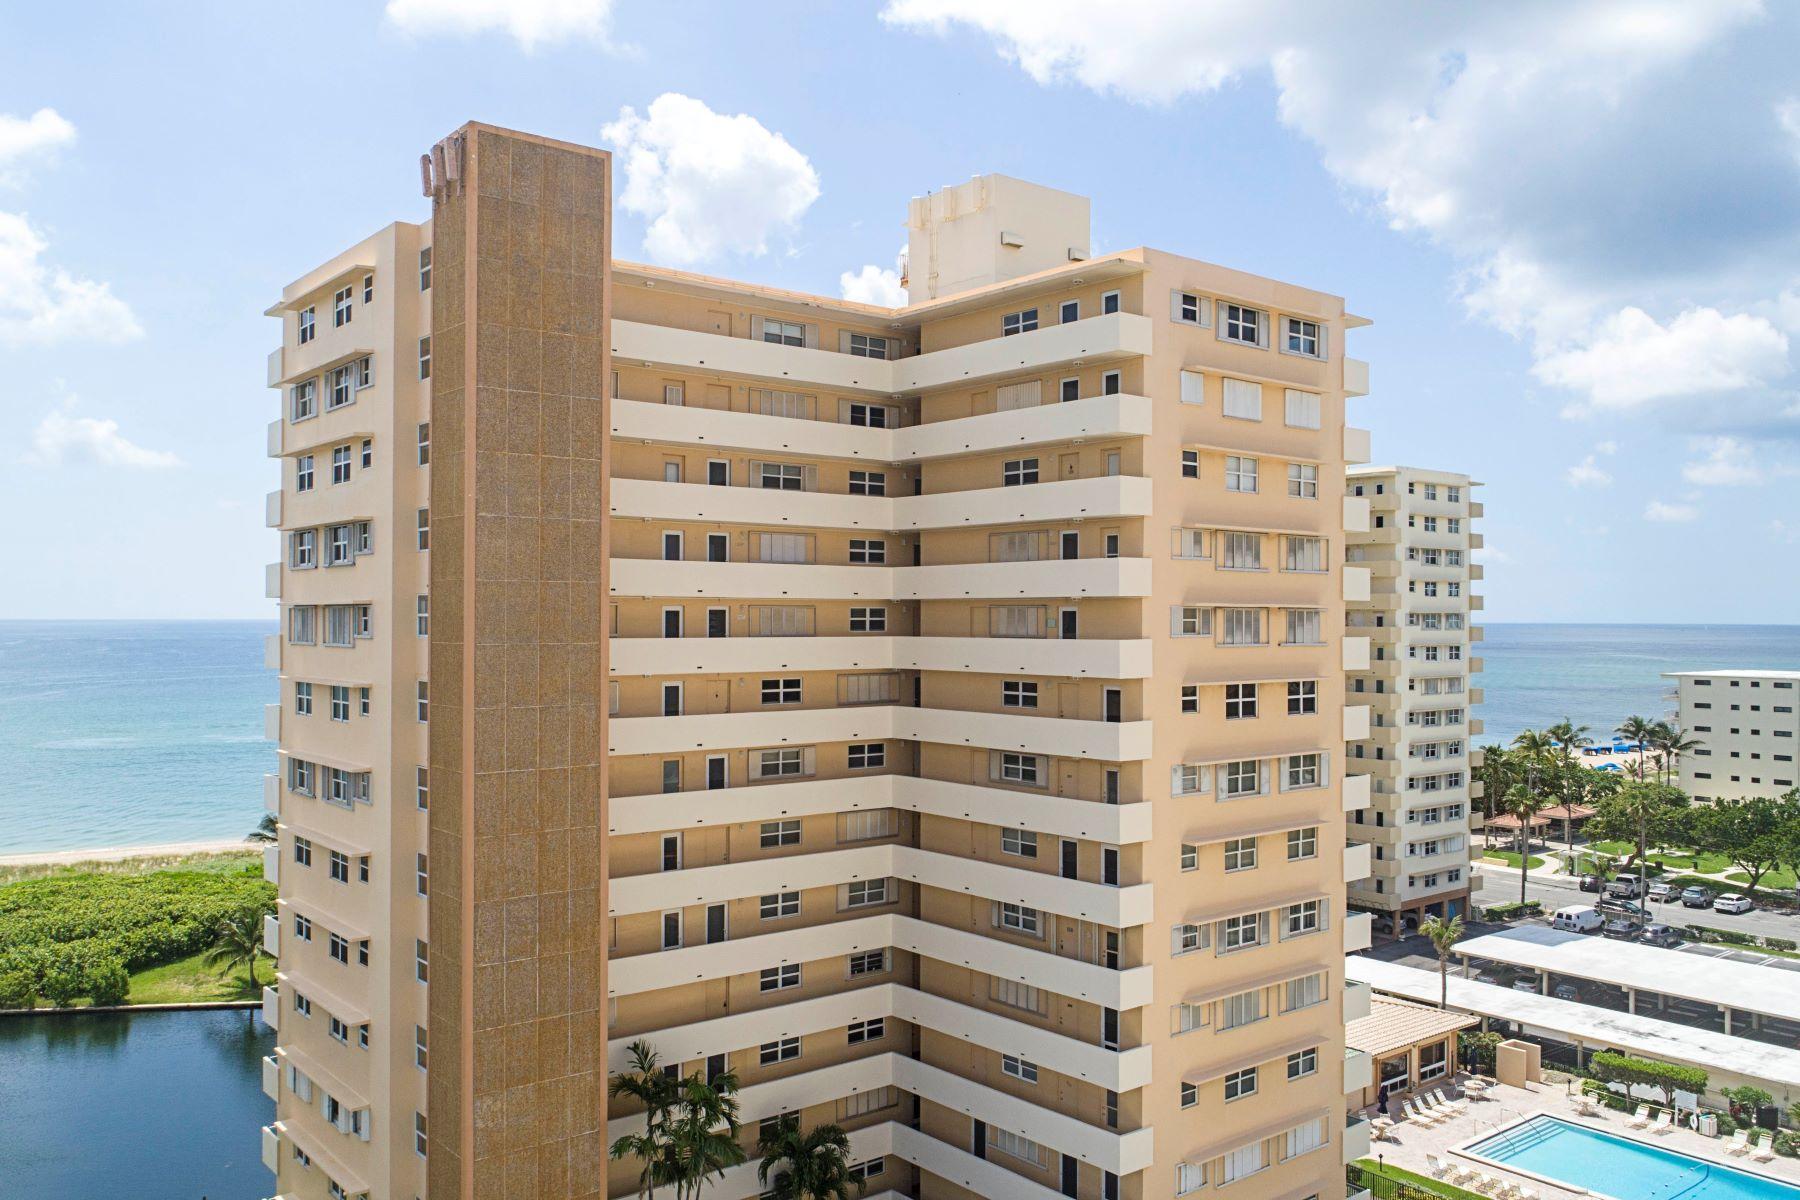 Eigentumswohnung für Verkauf beim 1620 N Ocean Blvd 1620 N Ocean Blvd PH10 Pompano Beach, Florida 33062 Vereinigte Staaten